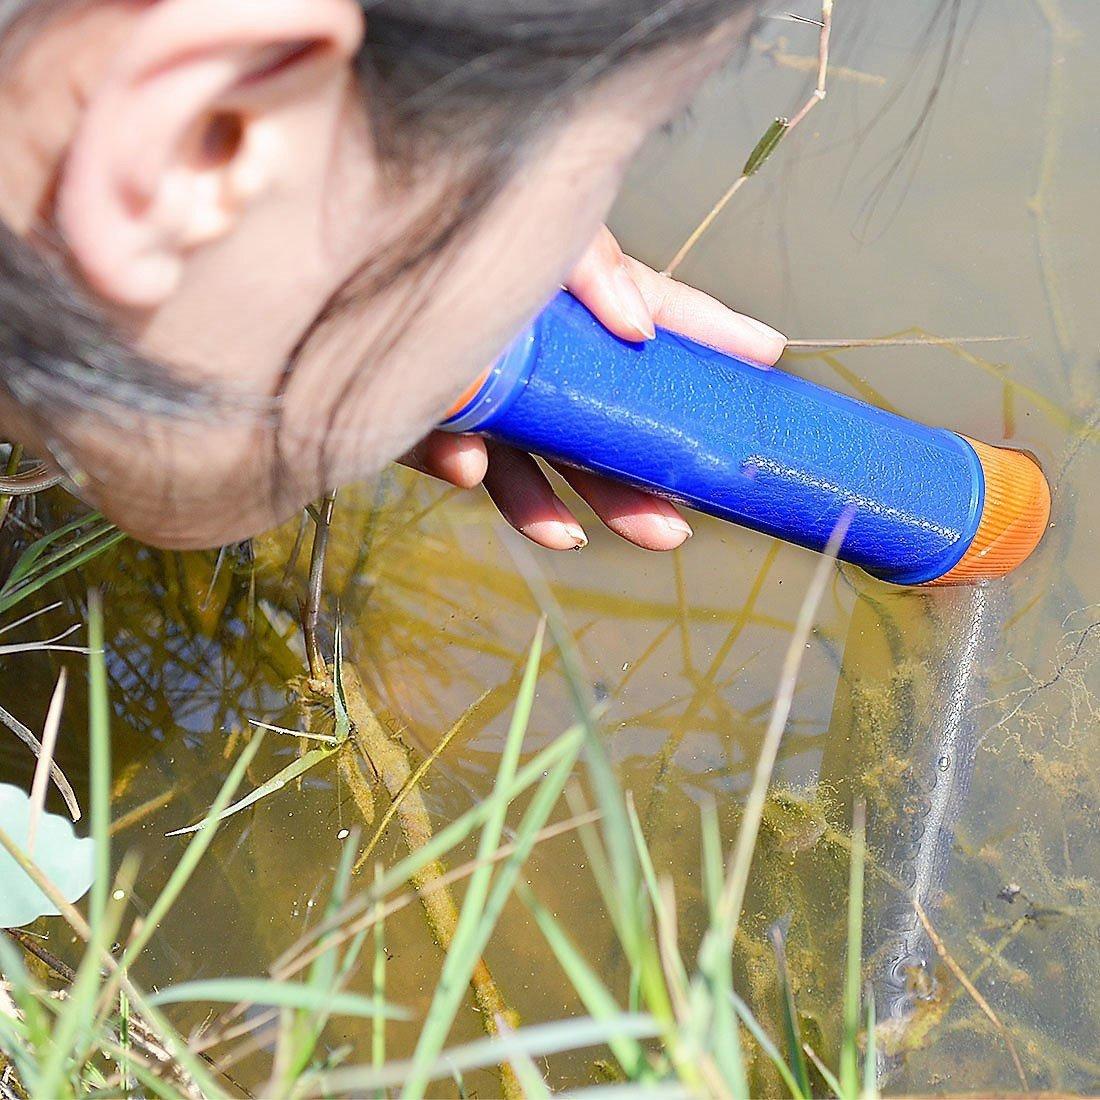 LongYu Wasserfilter Wasserfilter Wasserfilter Werkzeuge Umwelt Microfiltration für Camping Wandern Reise Notfall Bereitschaft Outdoor-Lebensrettende Wasserfilter Stift B07CVVW32P    | Lebhaft  73120c